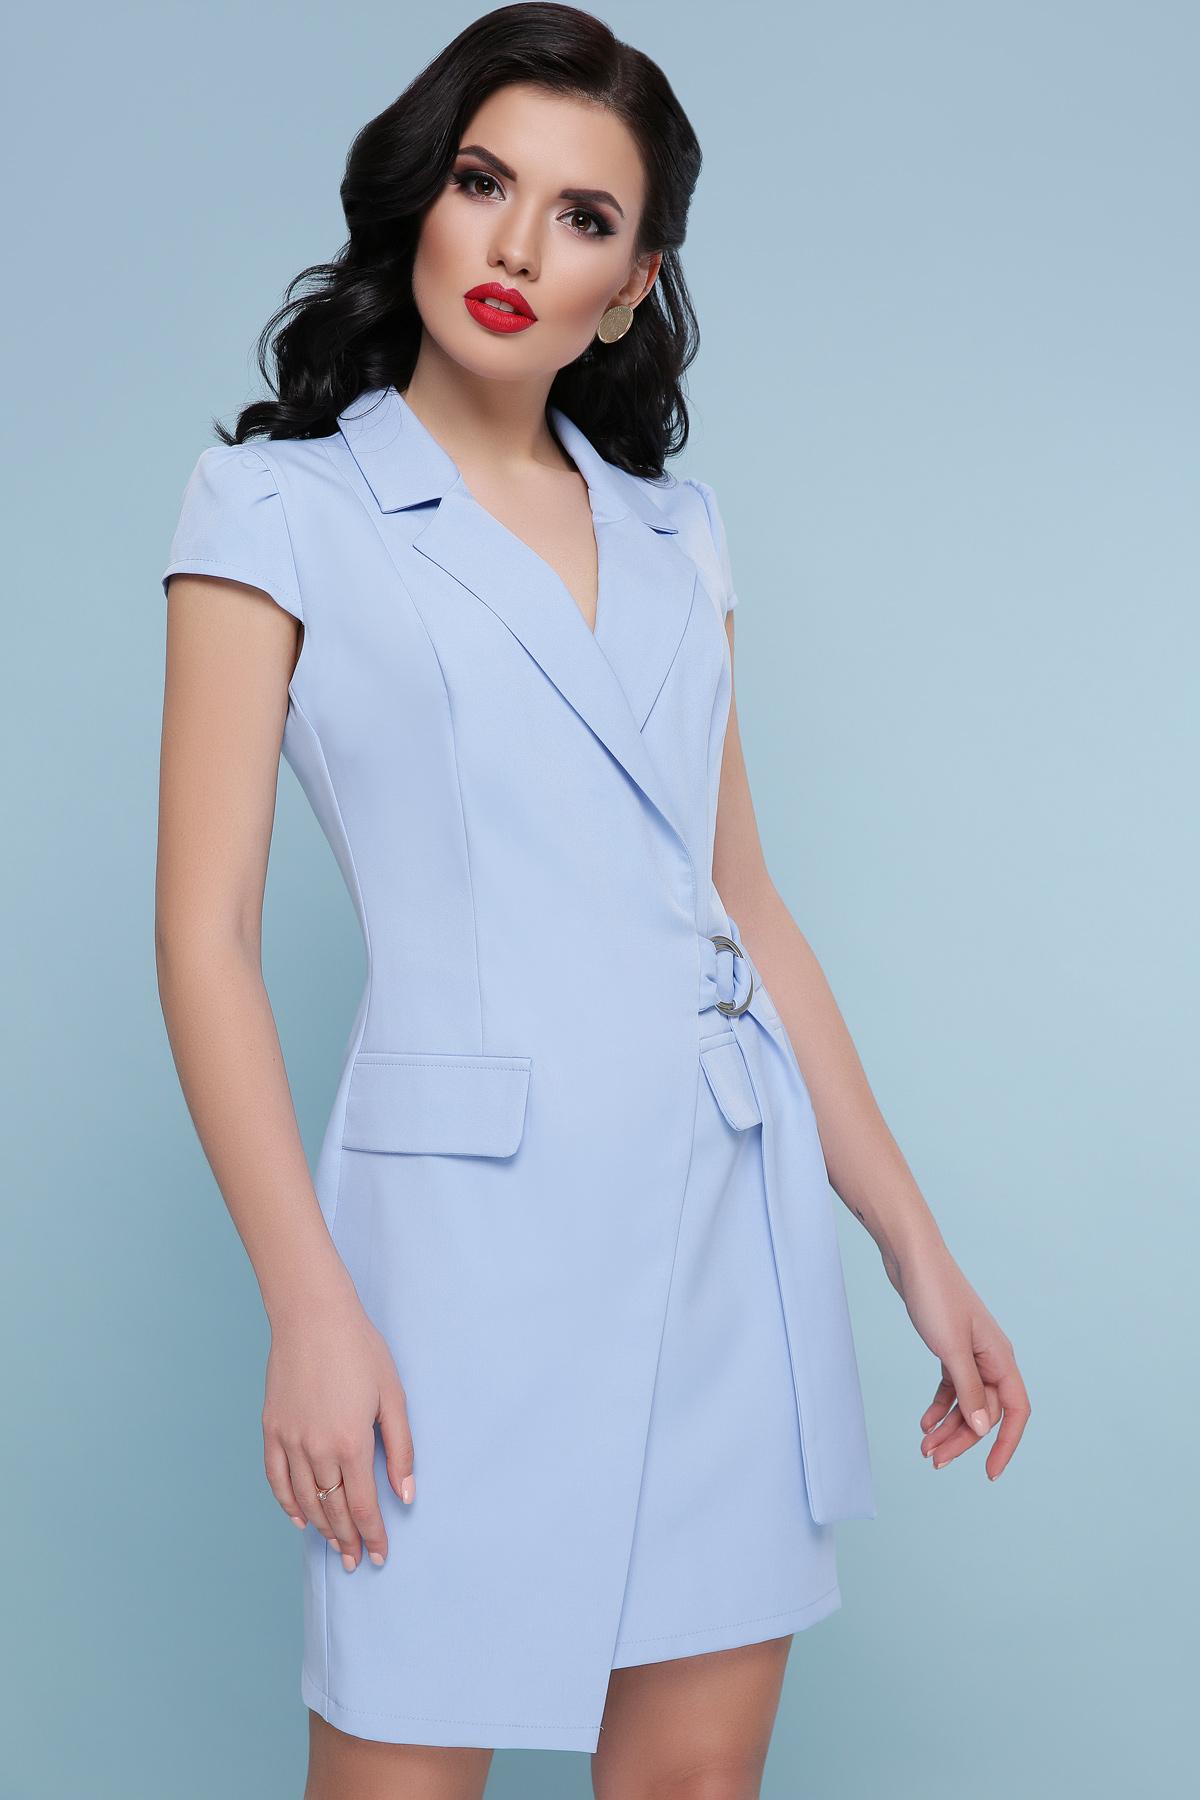 9158d29c963 Закупка Fashion Glem - 3 19. Совместные покупки